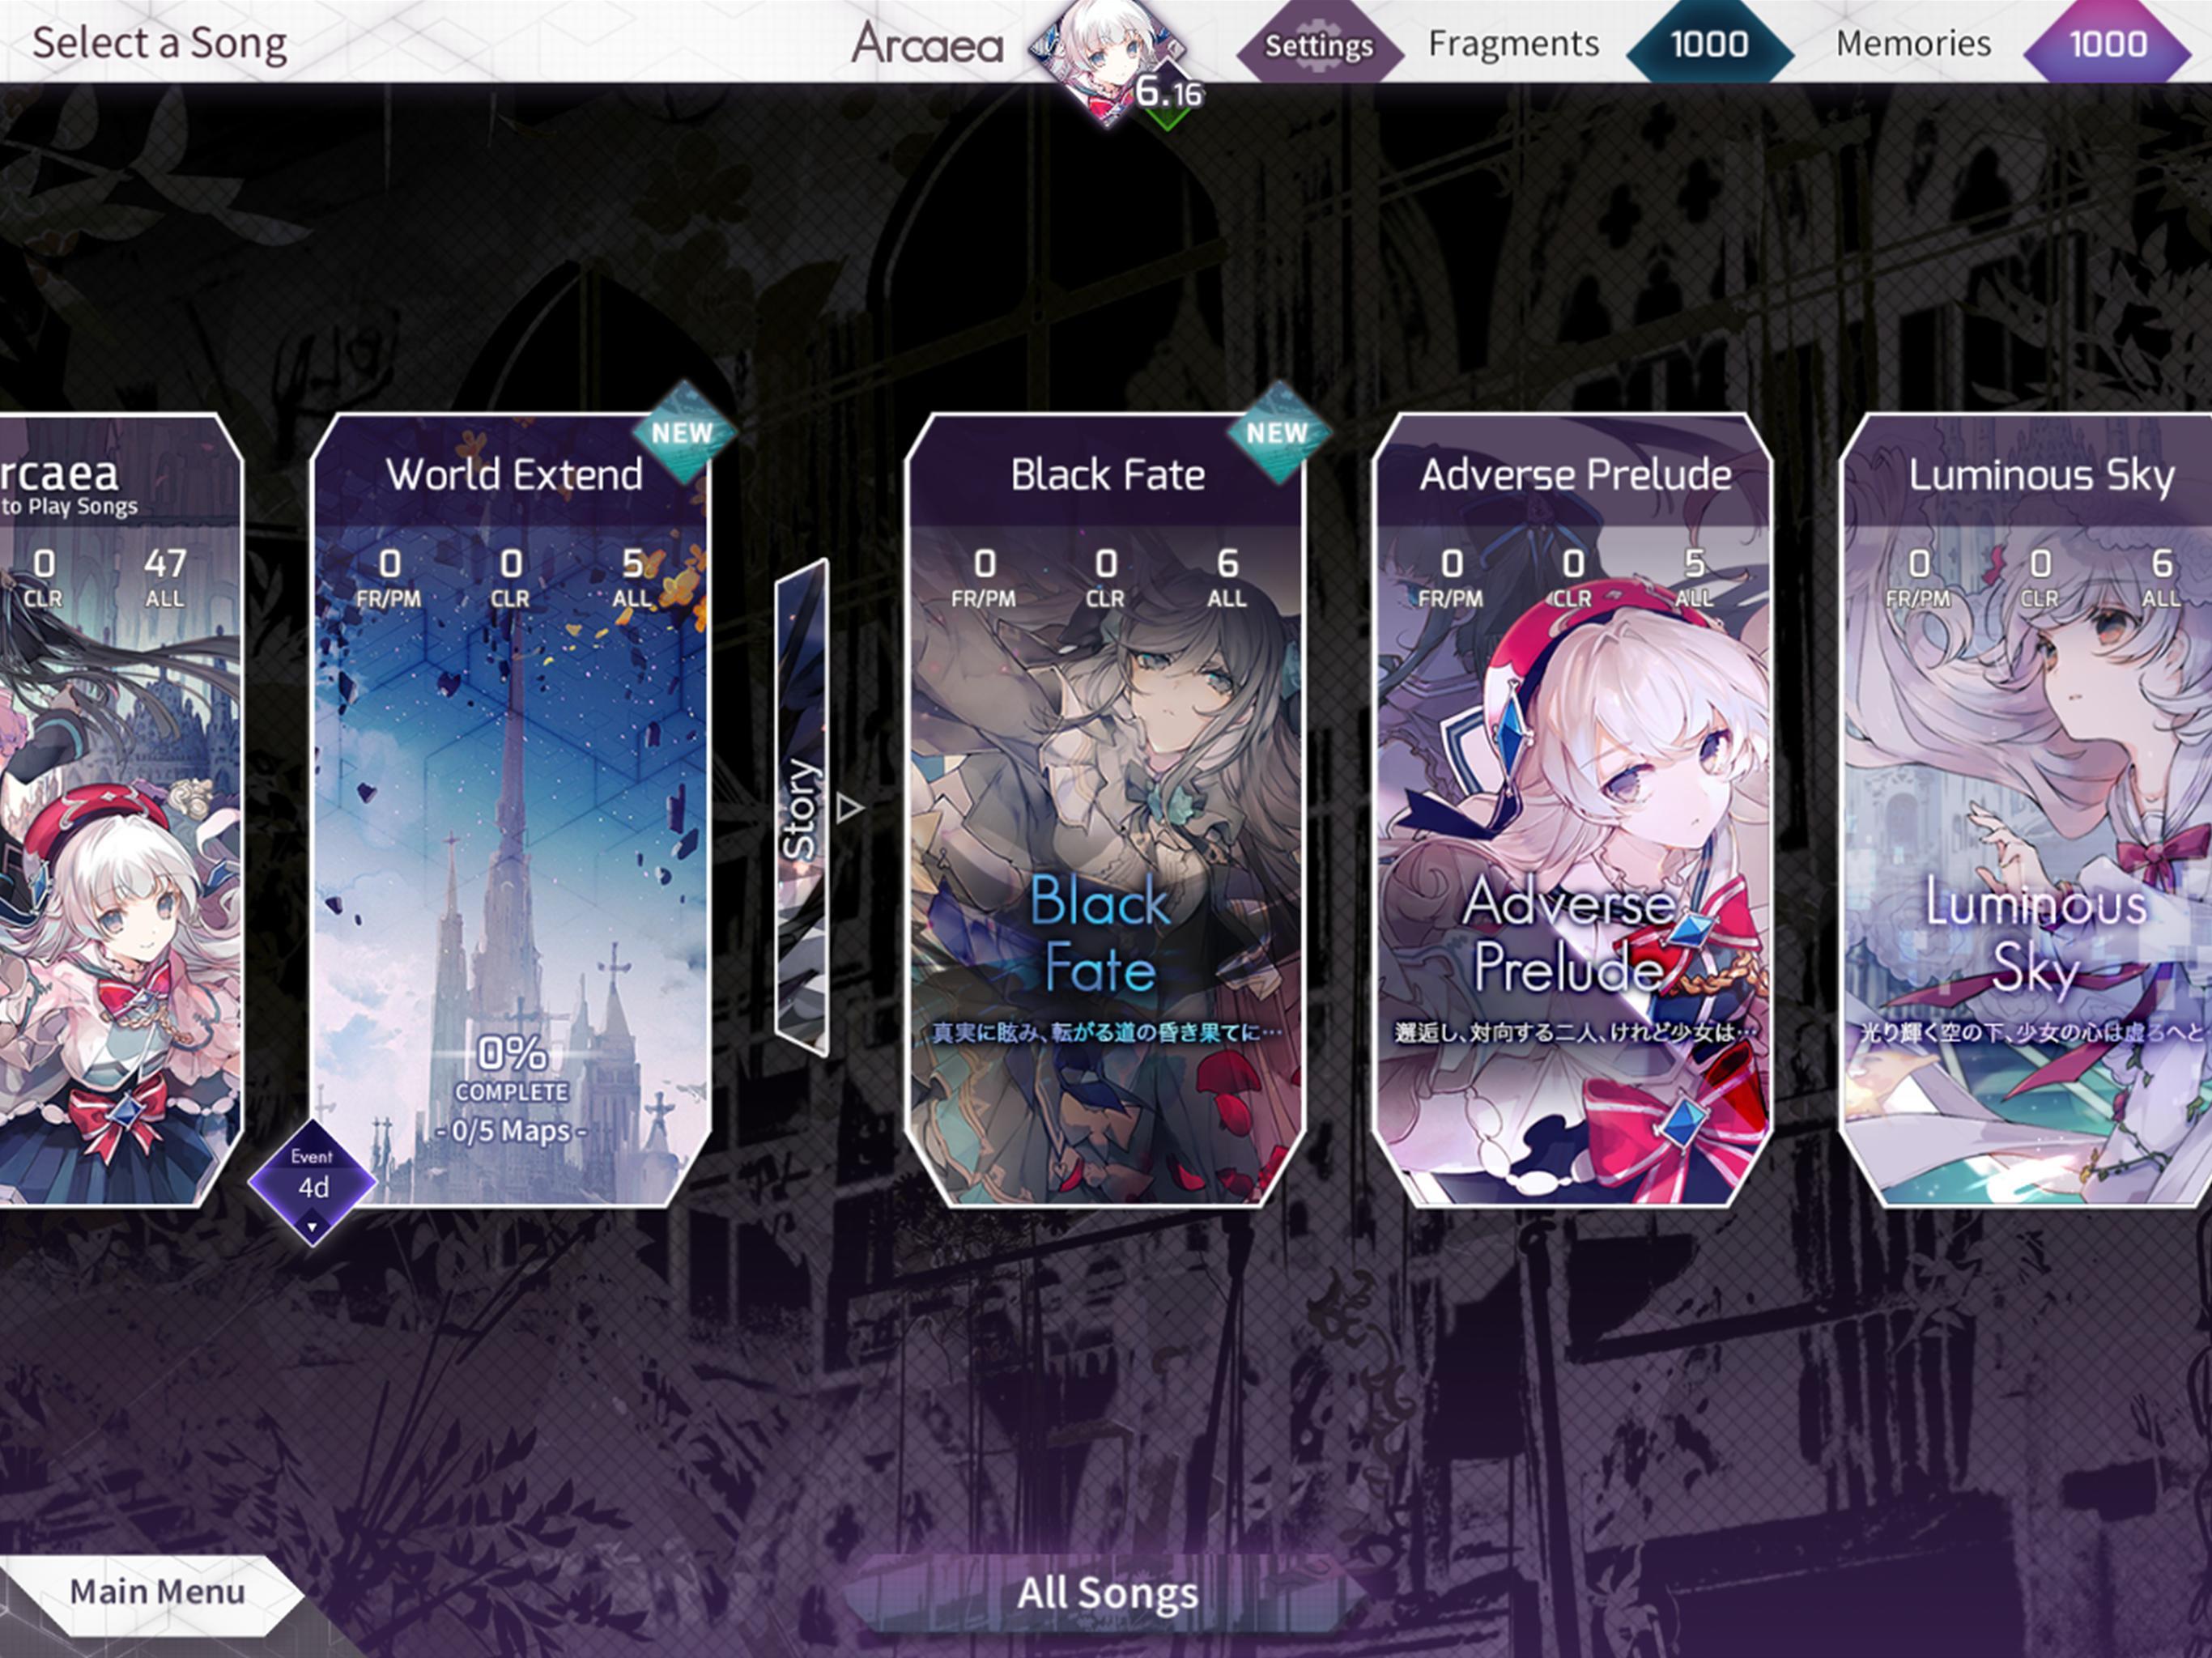 Arcaea New Dimension Rhythm Game 3.2.4 Screenshot 8